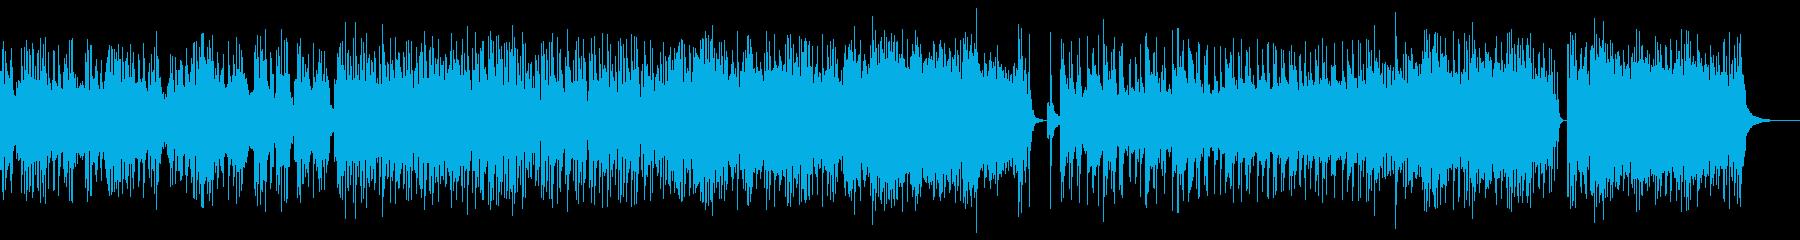 【ゲーム音楽】宇宙的なシューティング向けの再生済みの波形